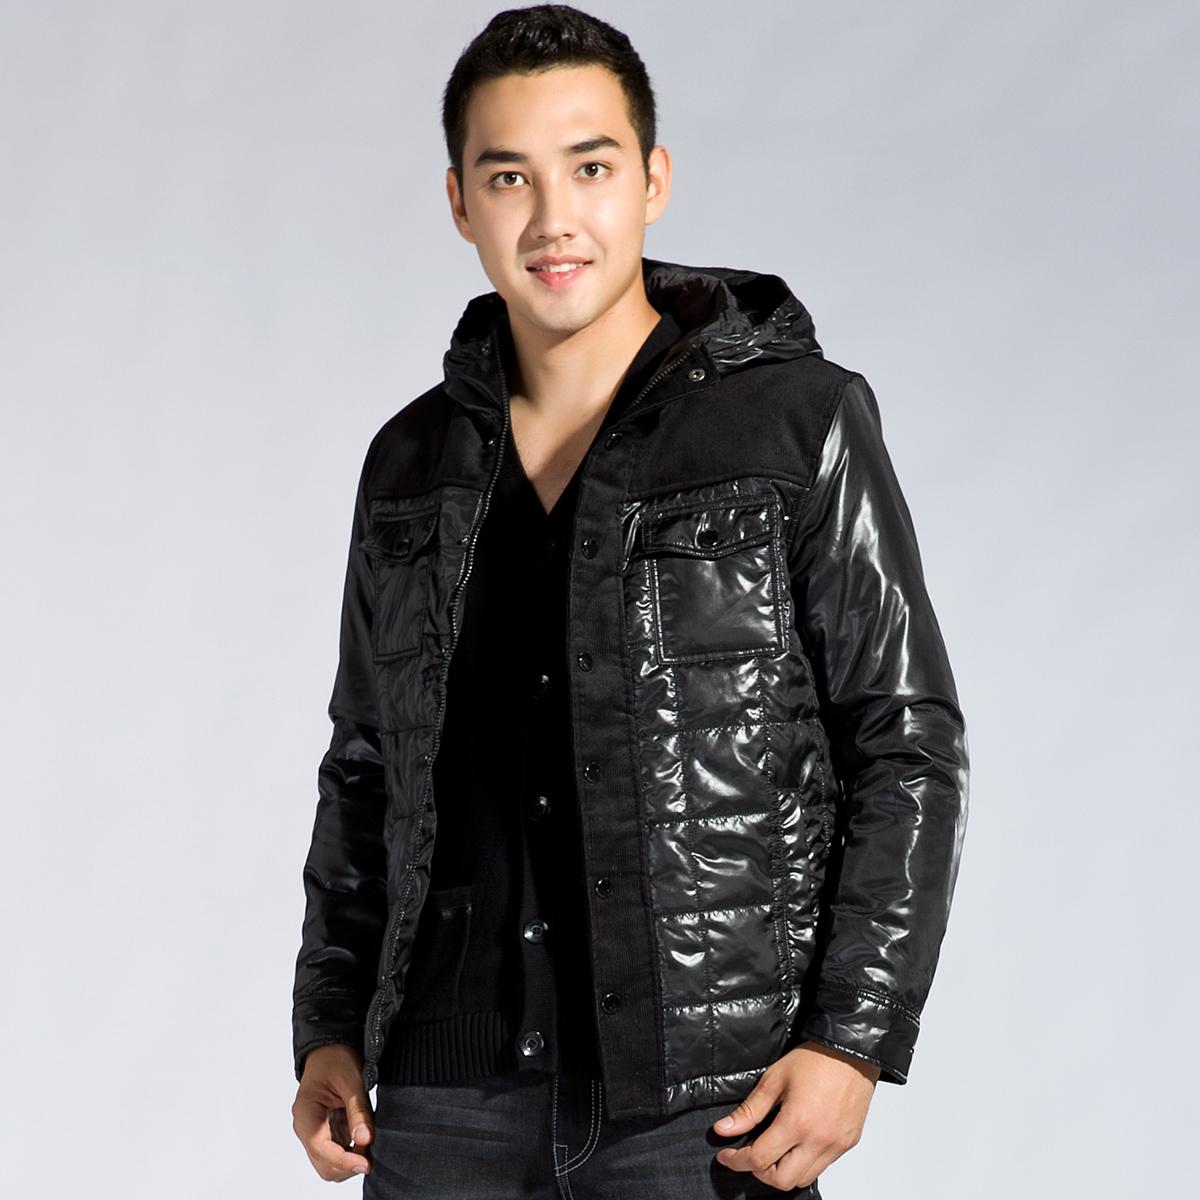 森马semir2013冬装新款男装棉衣; semir 森马 冬装新款男装棉衣图片